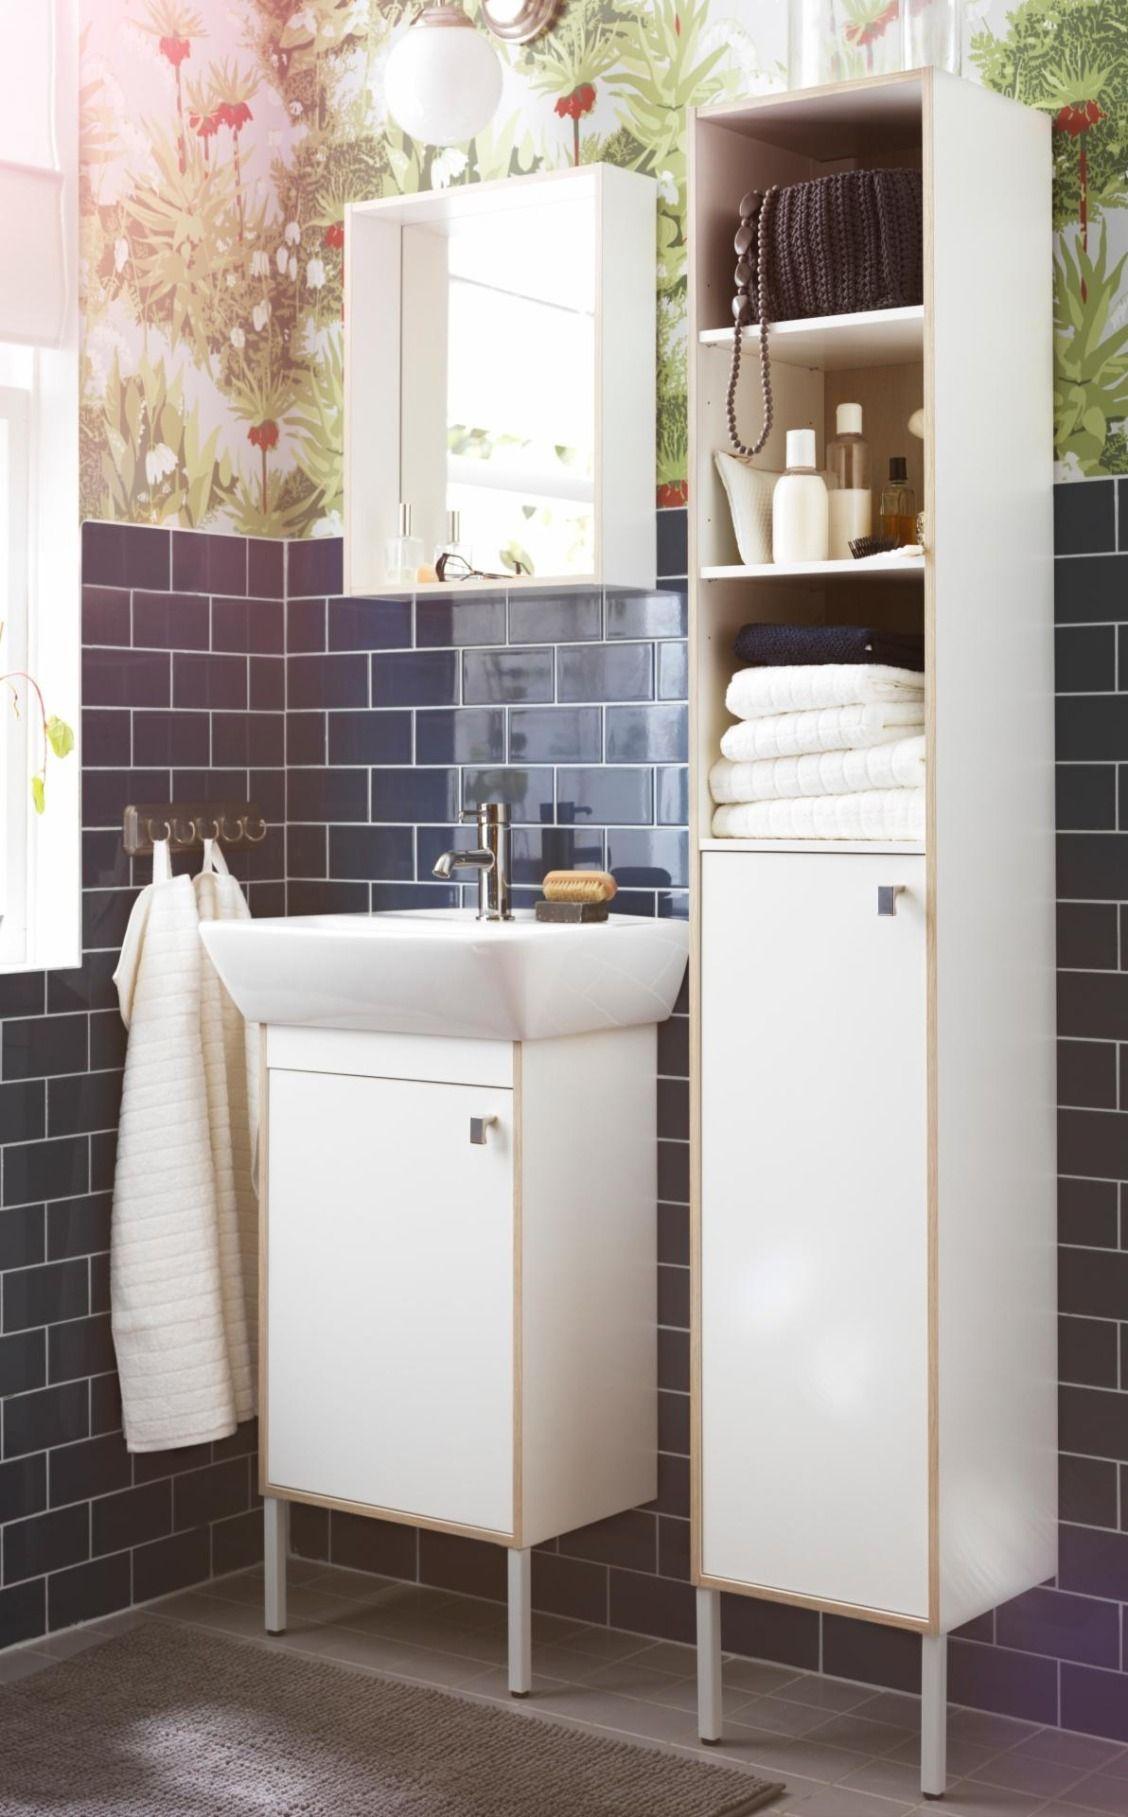 IKEA TYNGEN bathroom furniture pulls double duty to make